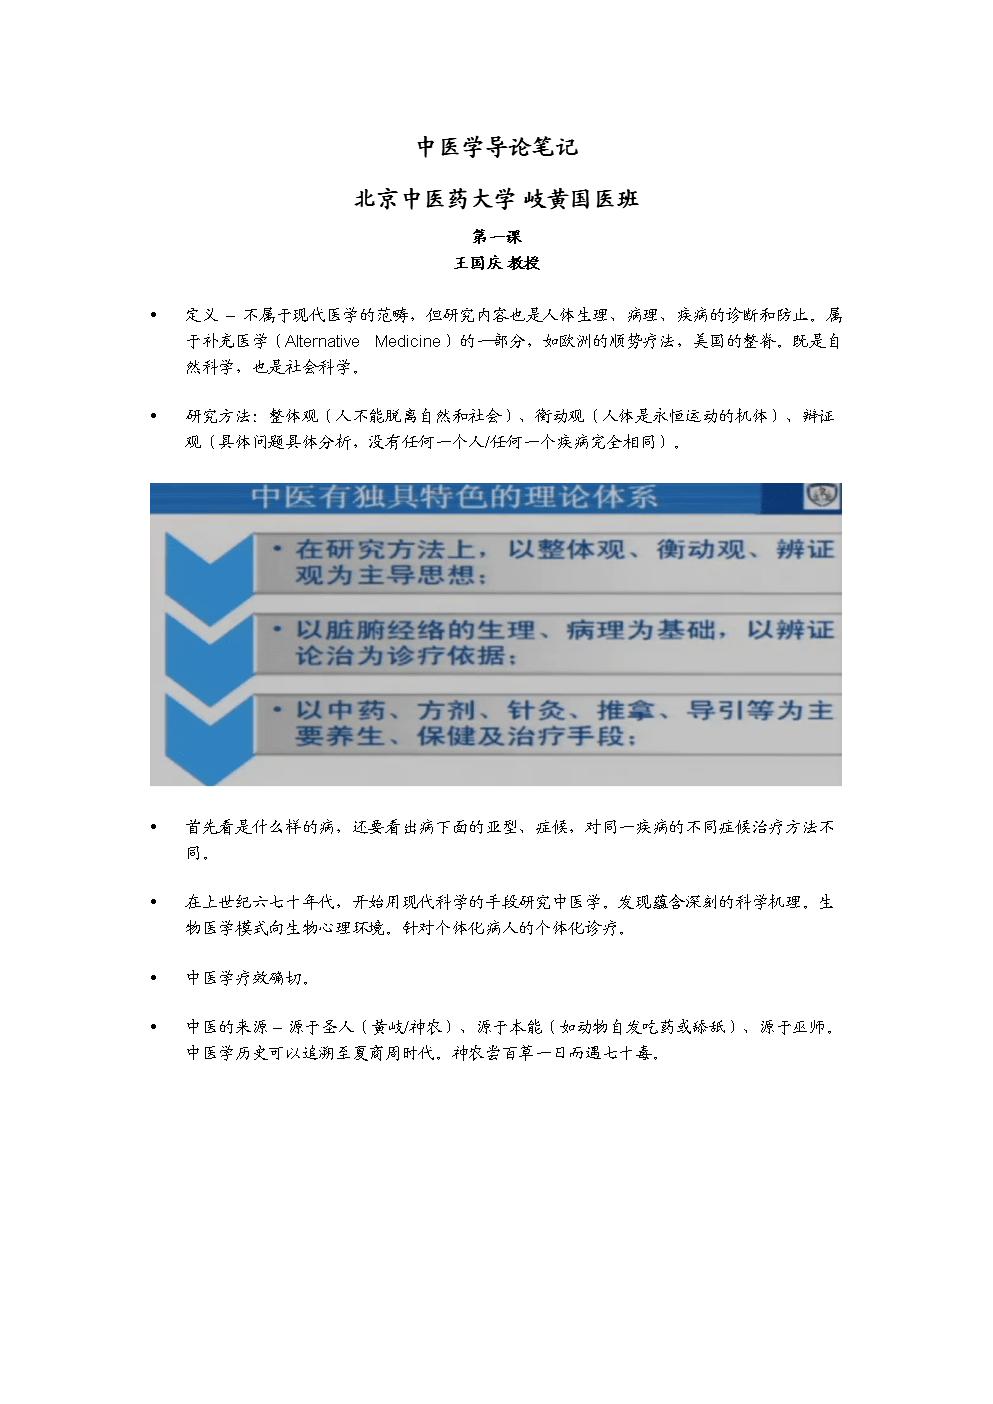 中医学导论笔记(1-3课).docx